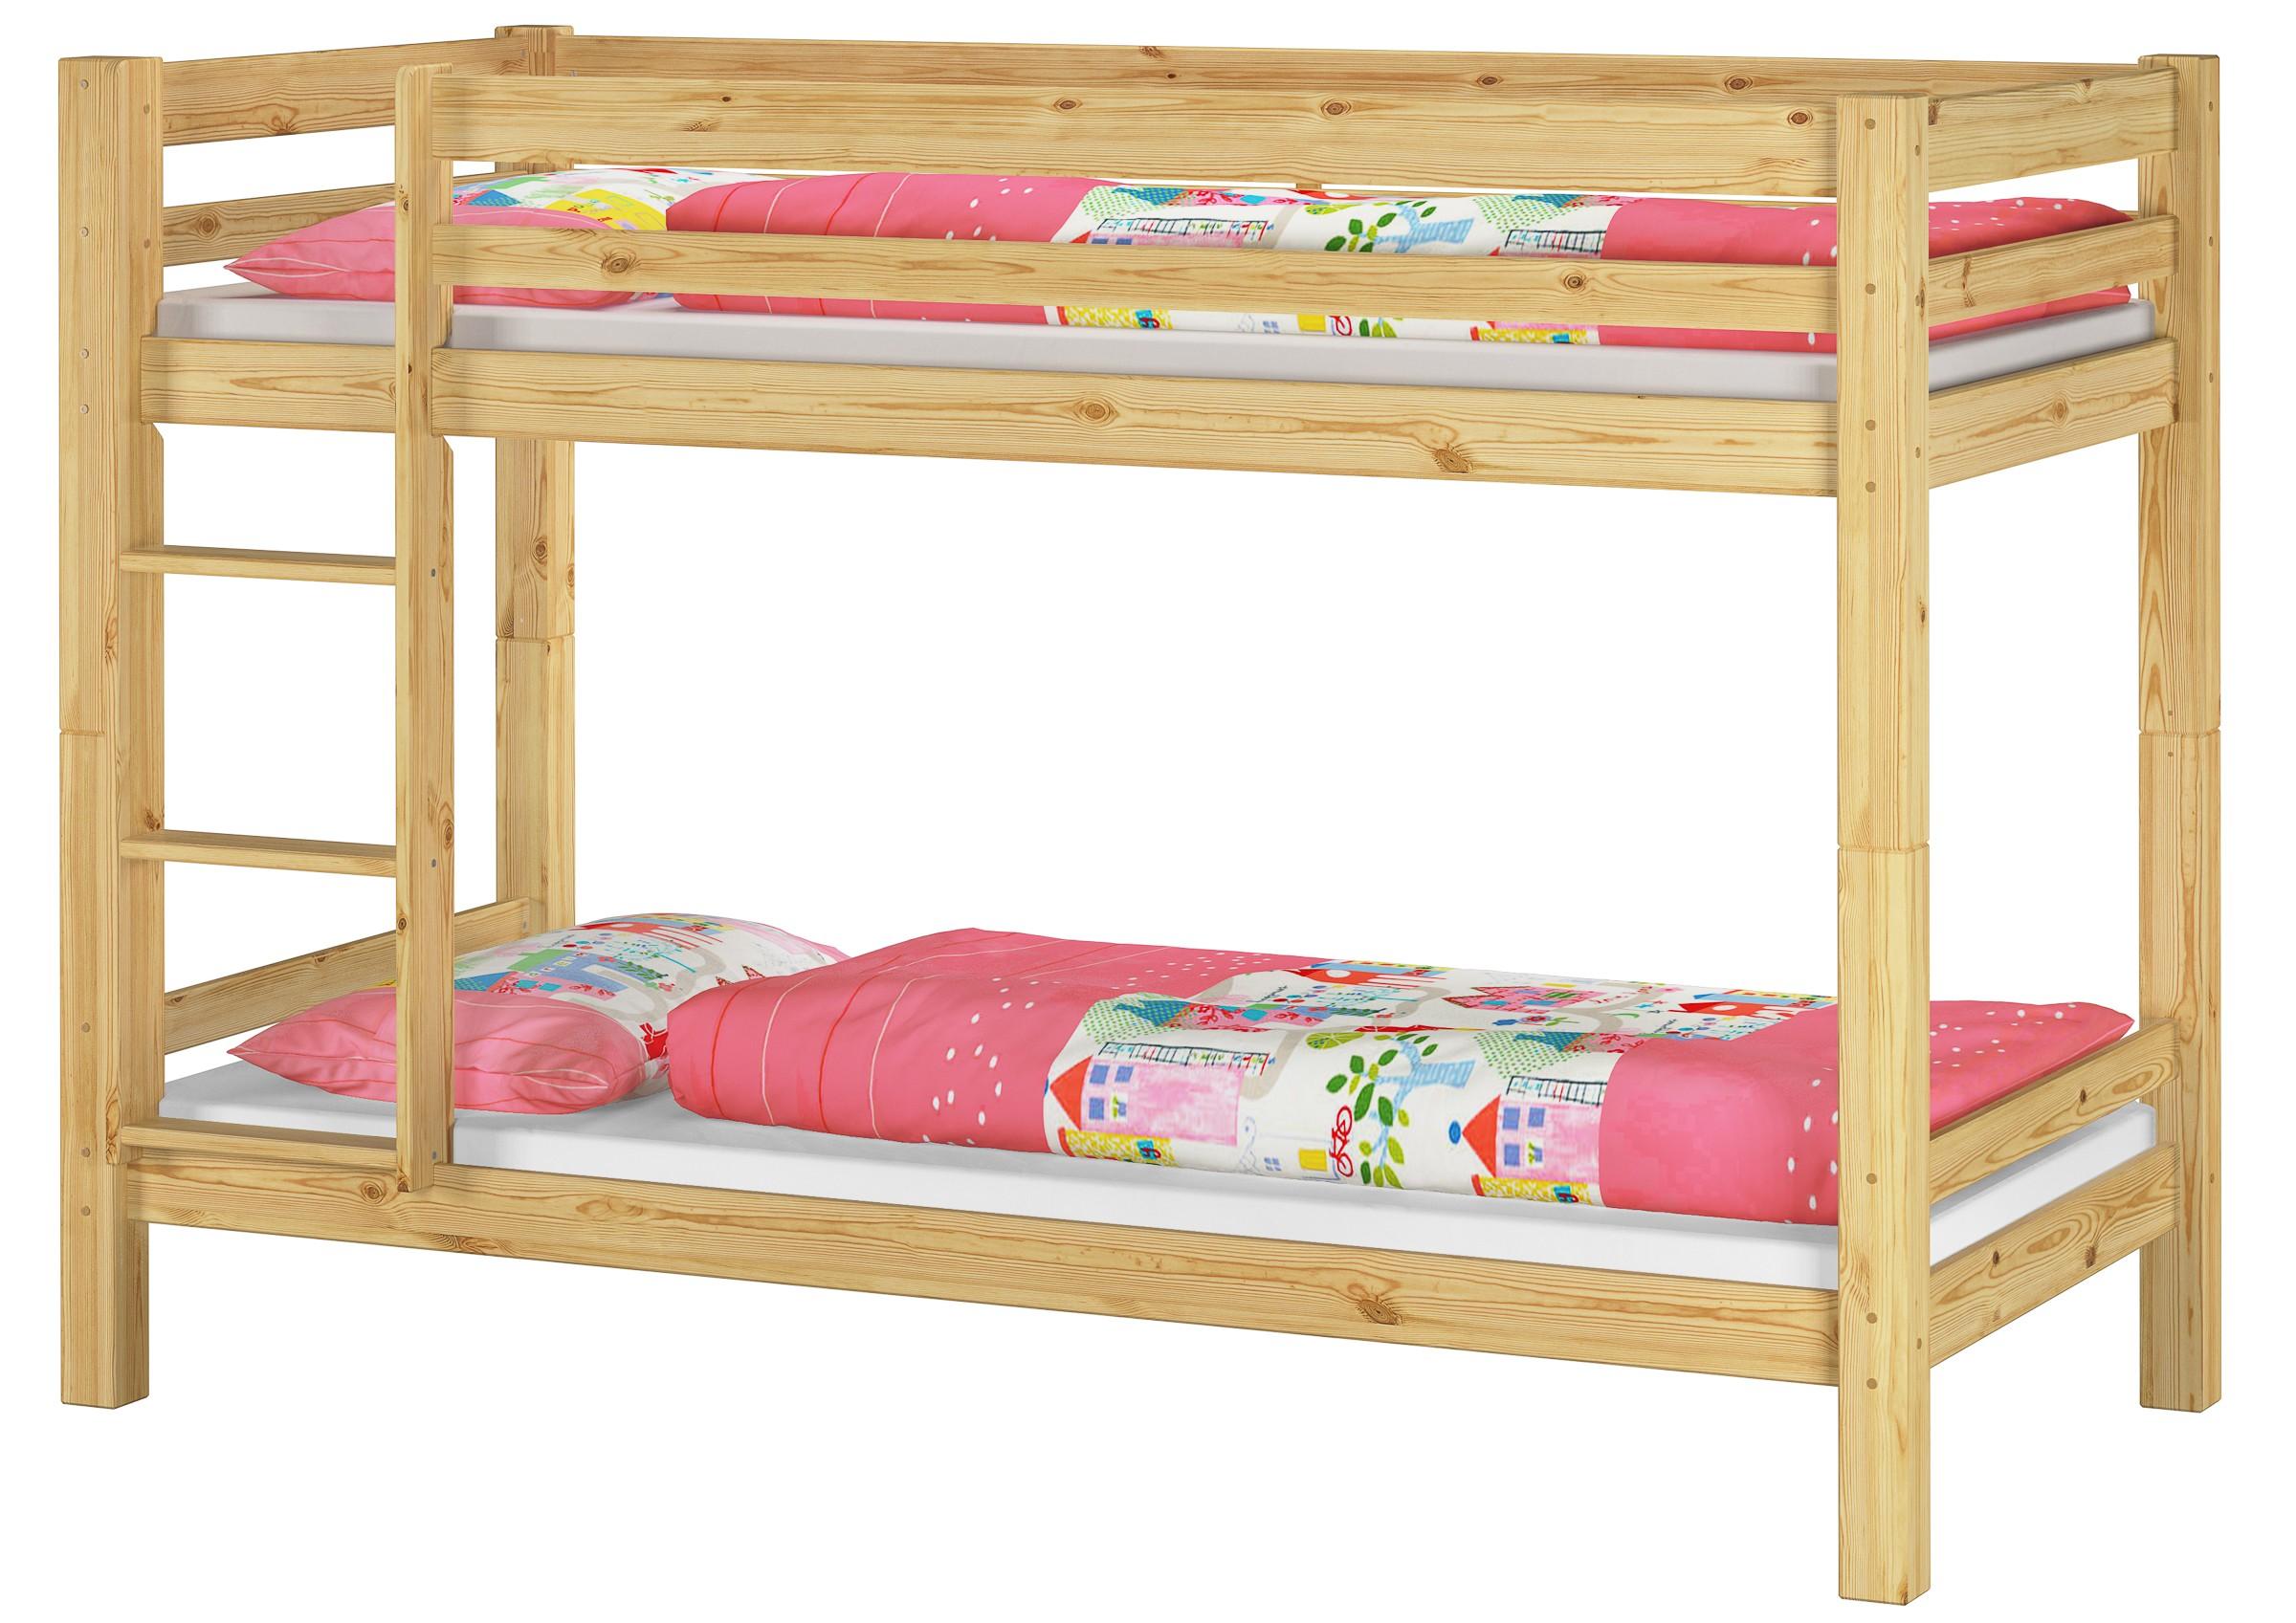 etagenbett massivholz kiefer rollrost 90x200 stockbett kinderbett ebay. Black Bedroom Furniture Sets. Home Design Ideas